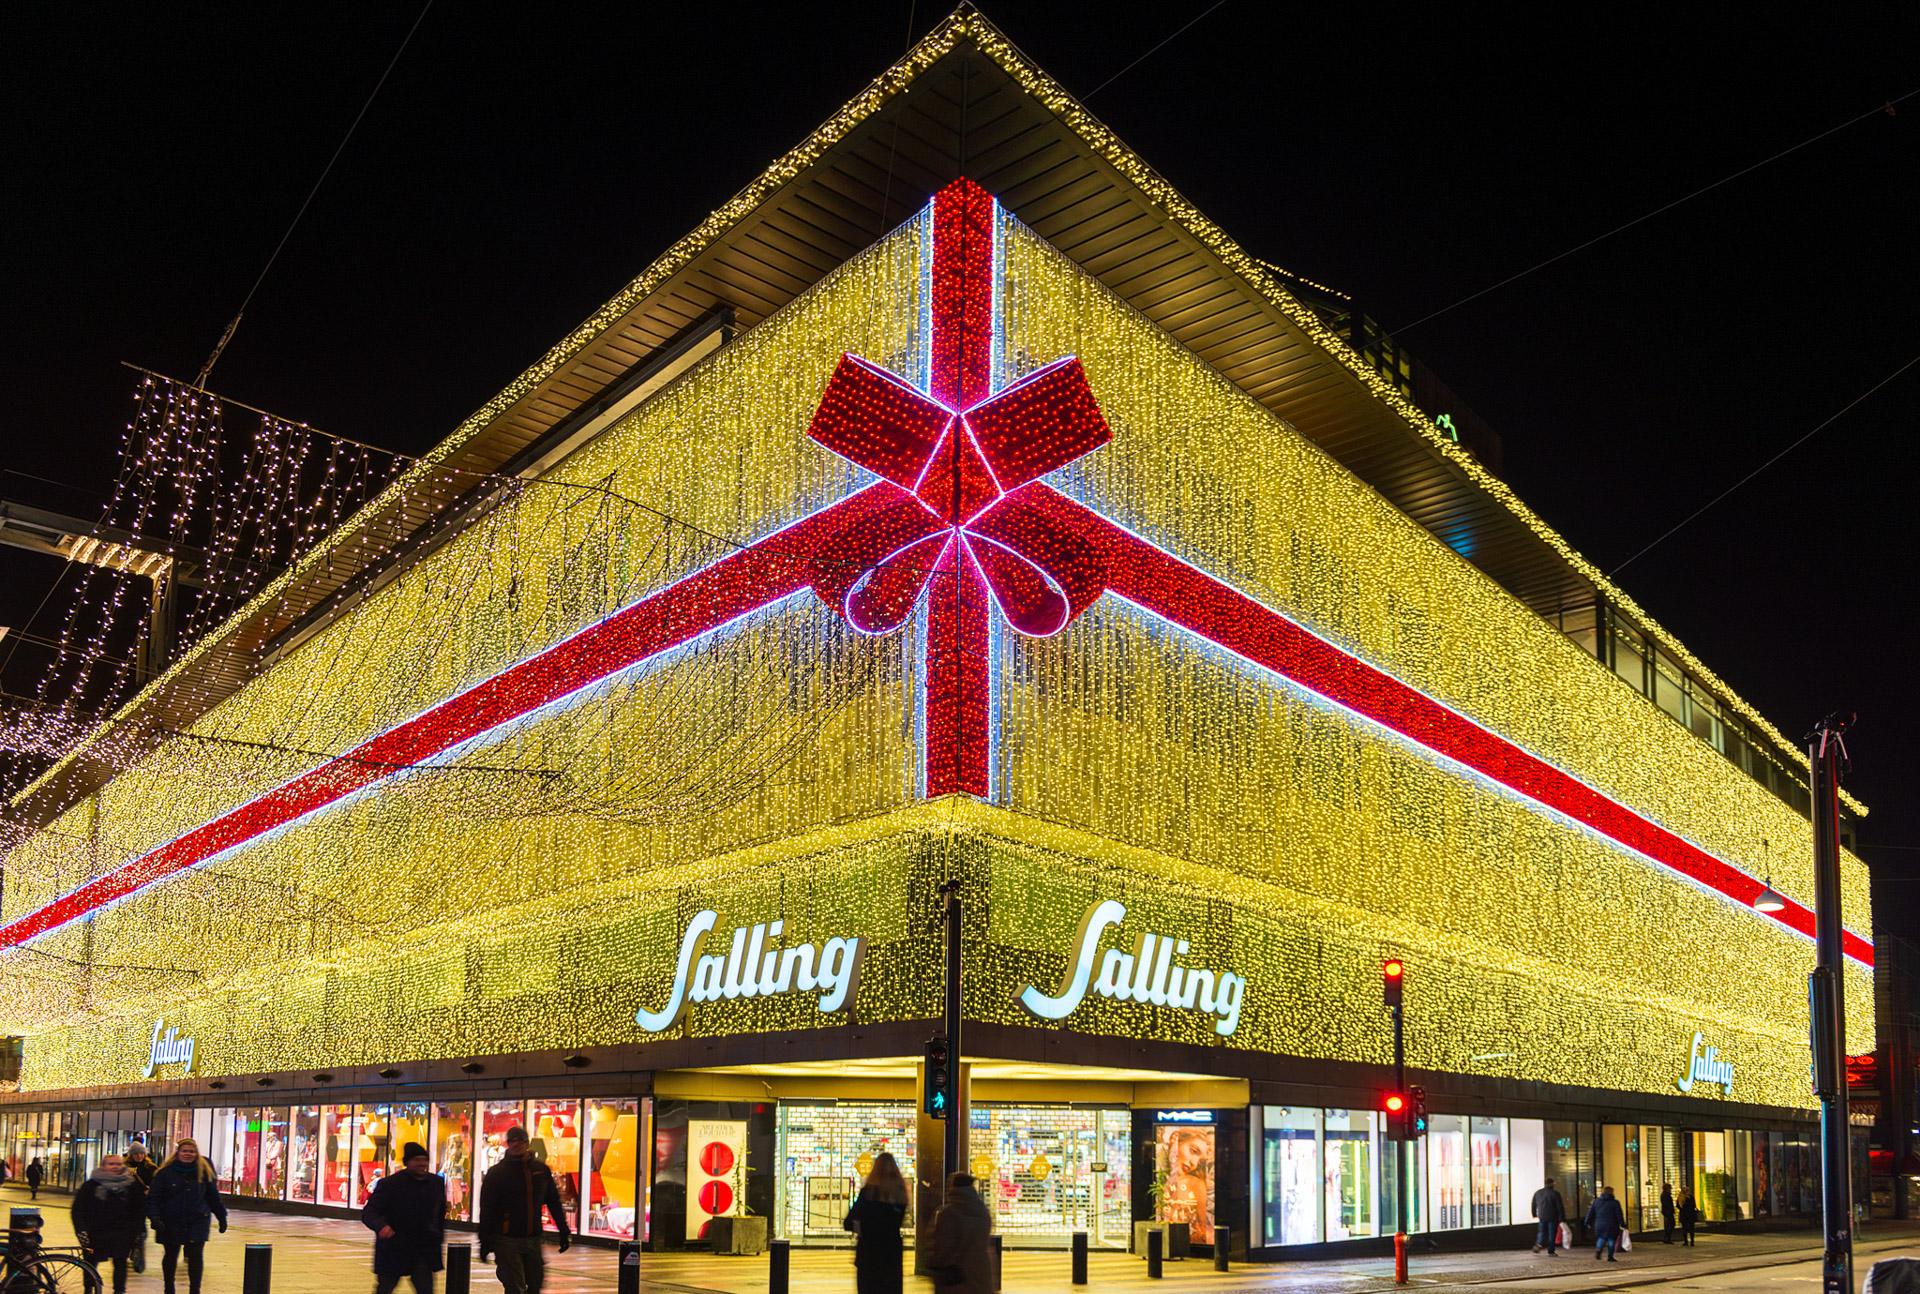 Salling ROOFTOP: Kom til masser julestemning, oplevelser og lækkerier under åben himmel